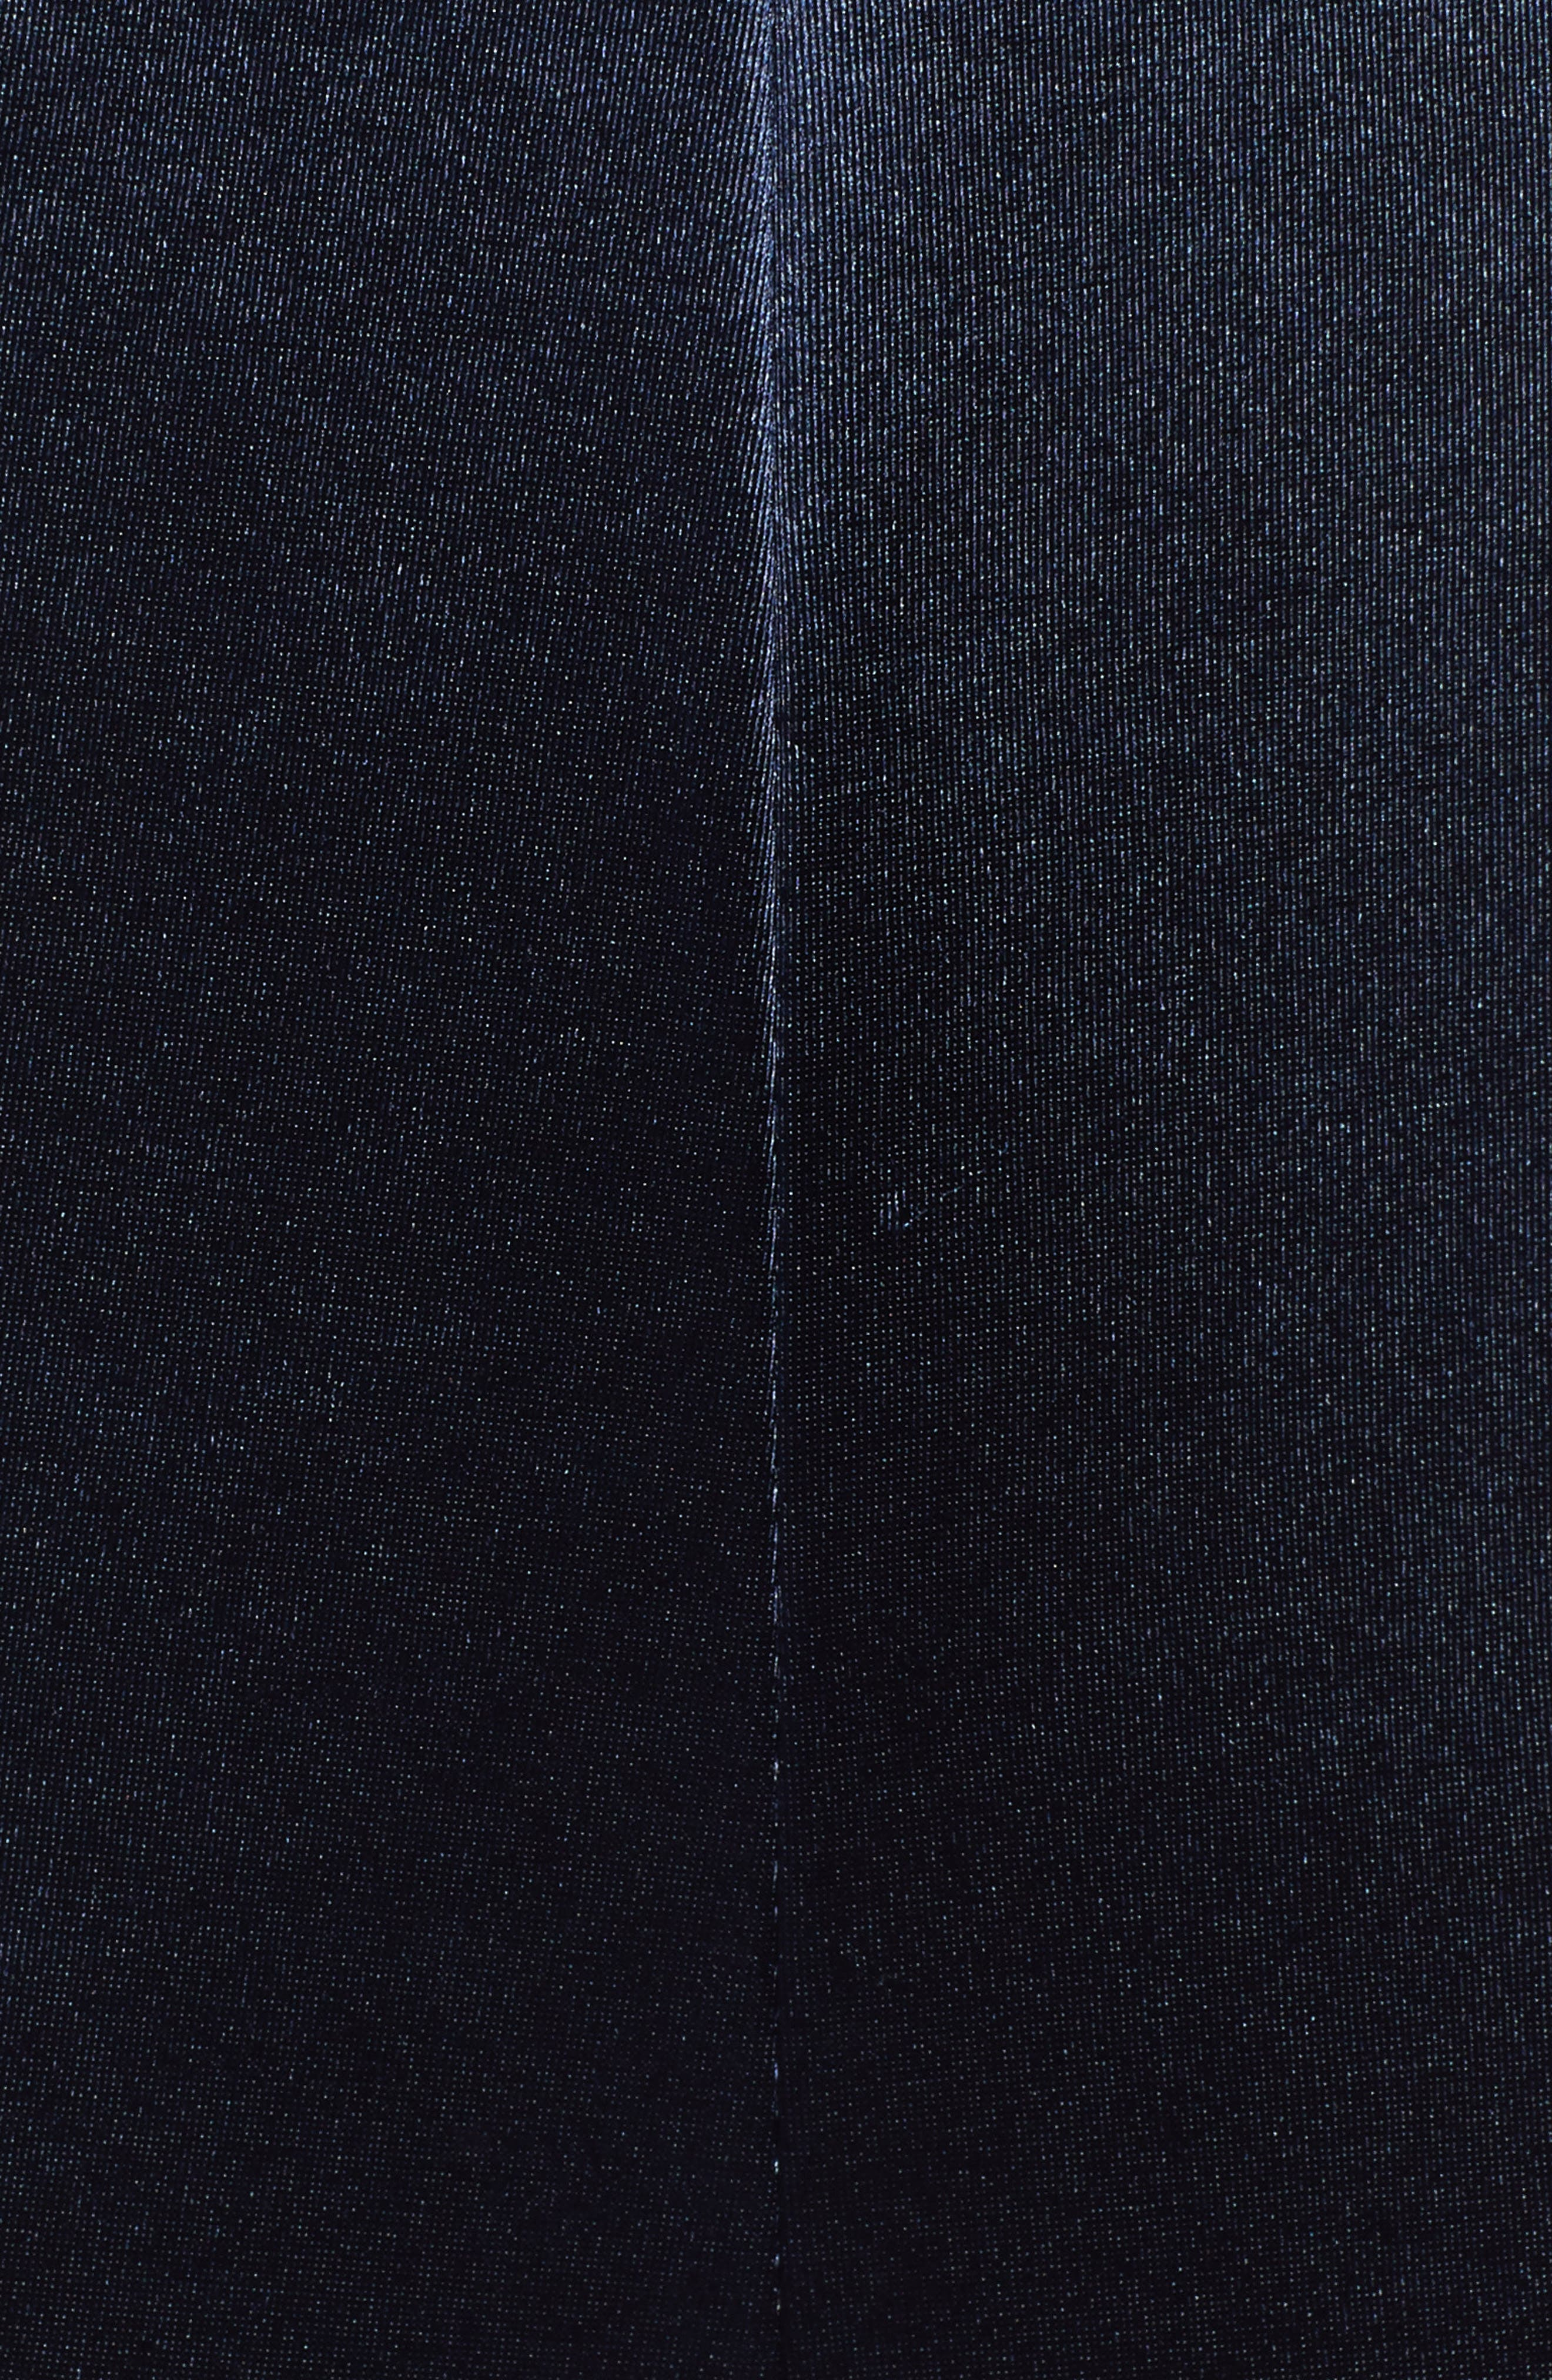 Lace Trim Satin Jumpsuit,                             Alternate thumbnail 6, color,                             NAVY EVENING